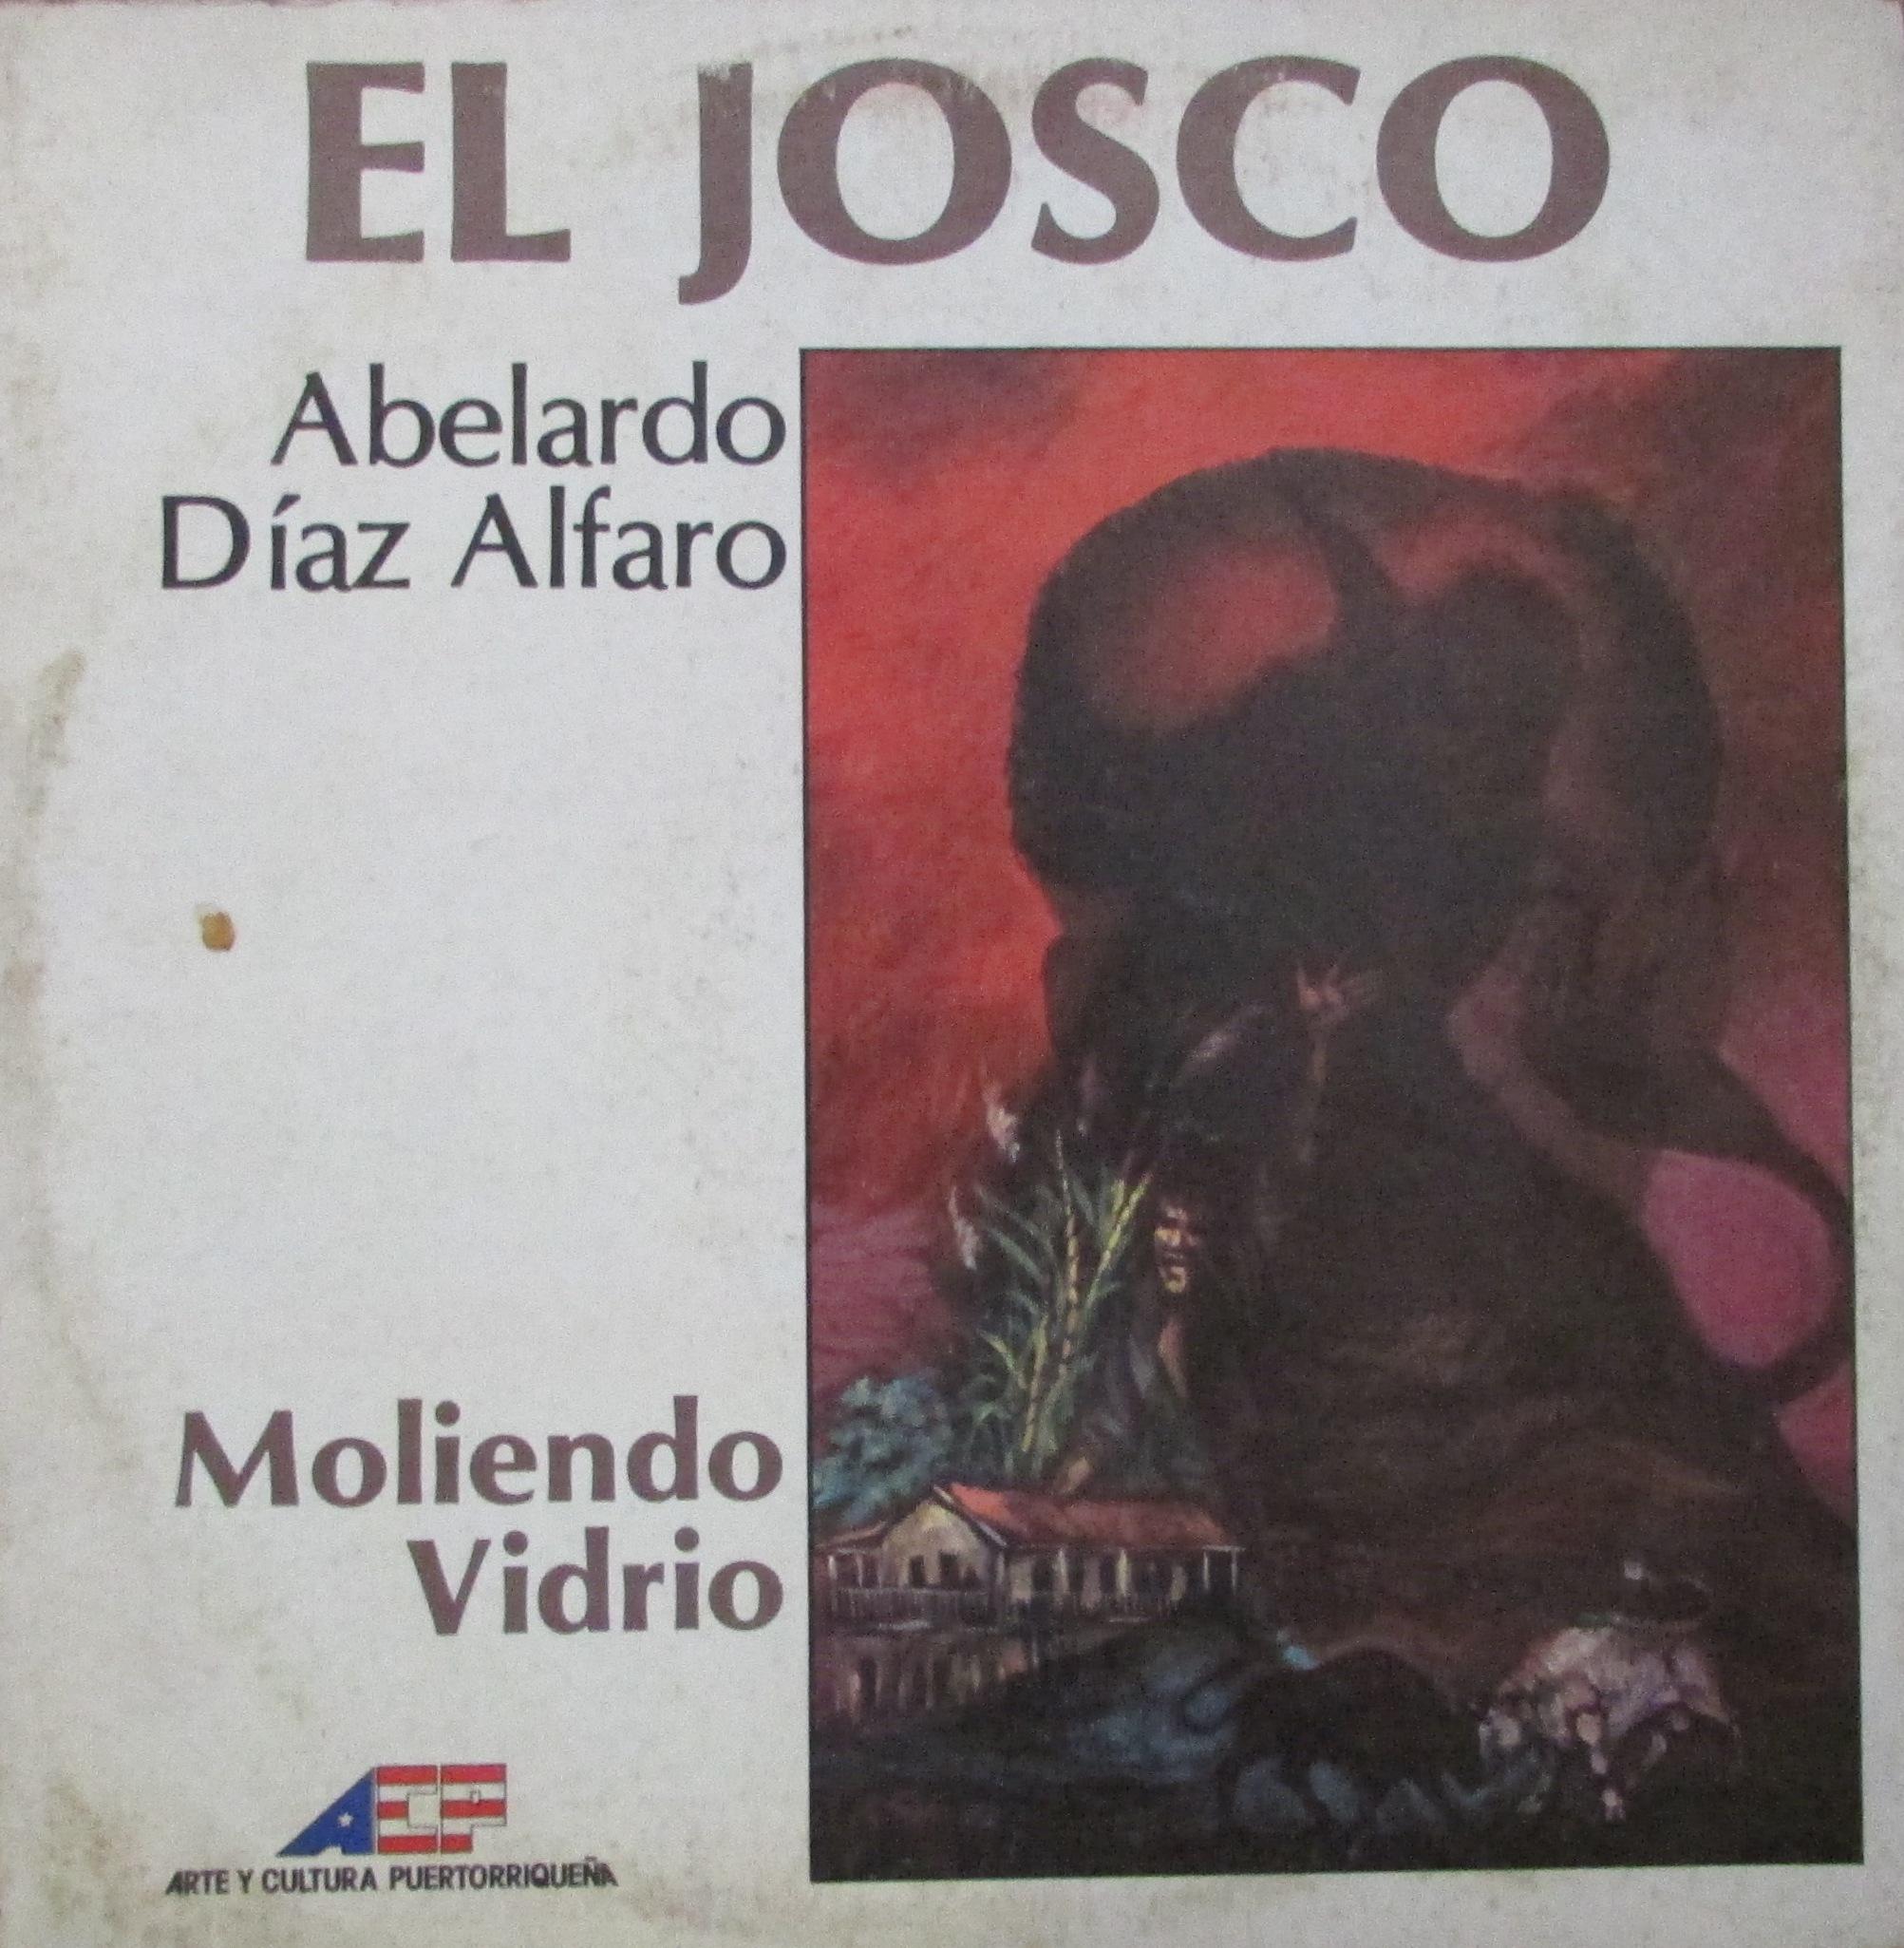 """Carátula original de la producción """"El Josco"""" de Moliendo Vidrio. (archivo Fundación Nacional para la Cultura Popular)"""